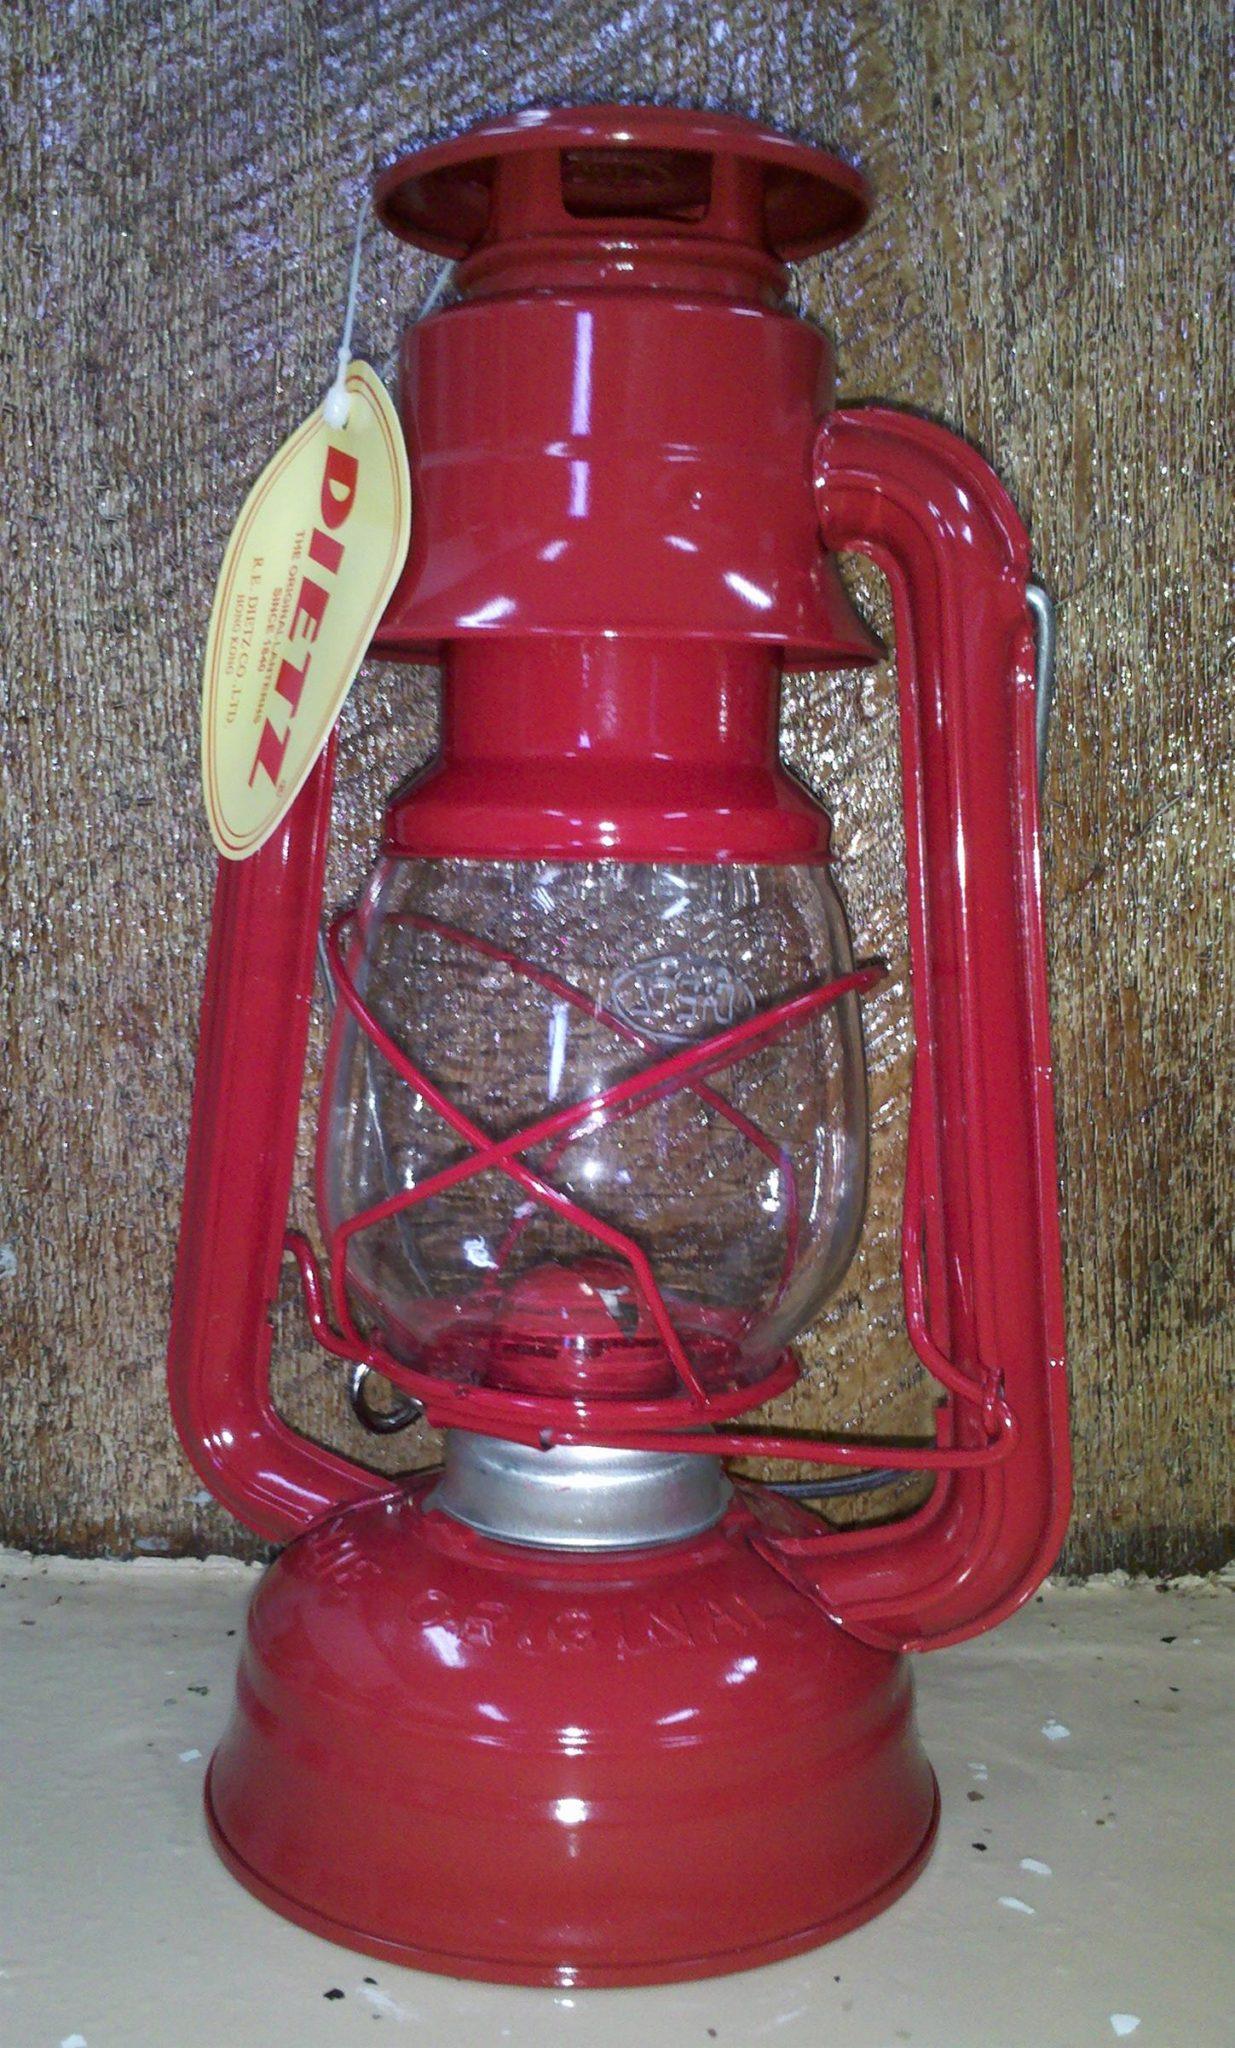 #76 Dietz Lantern Original Style Red Lantern